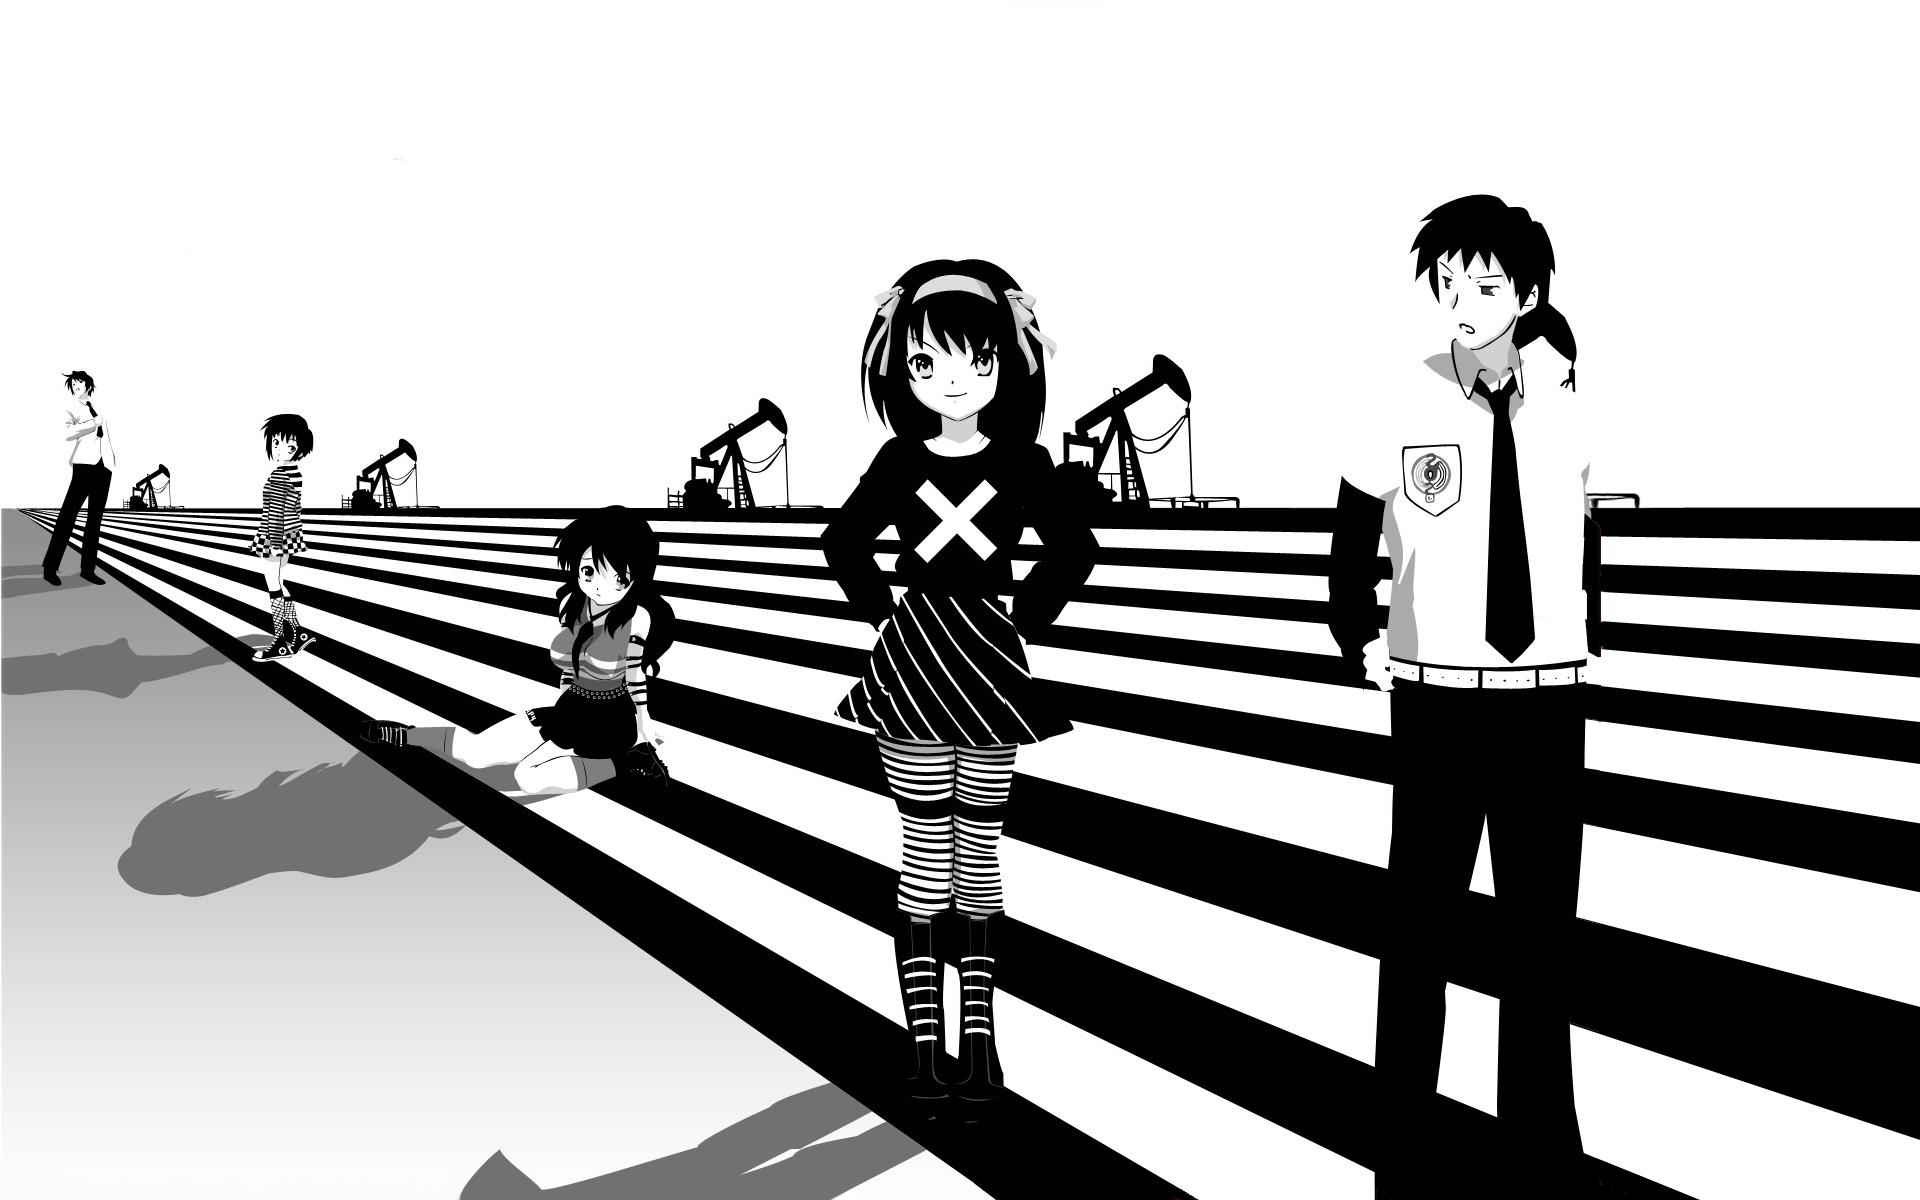 デスクトップ壁紙 図 アニメ シルエット 漫画 涼宮ハルヒの憂鬱